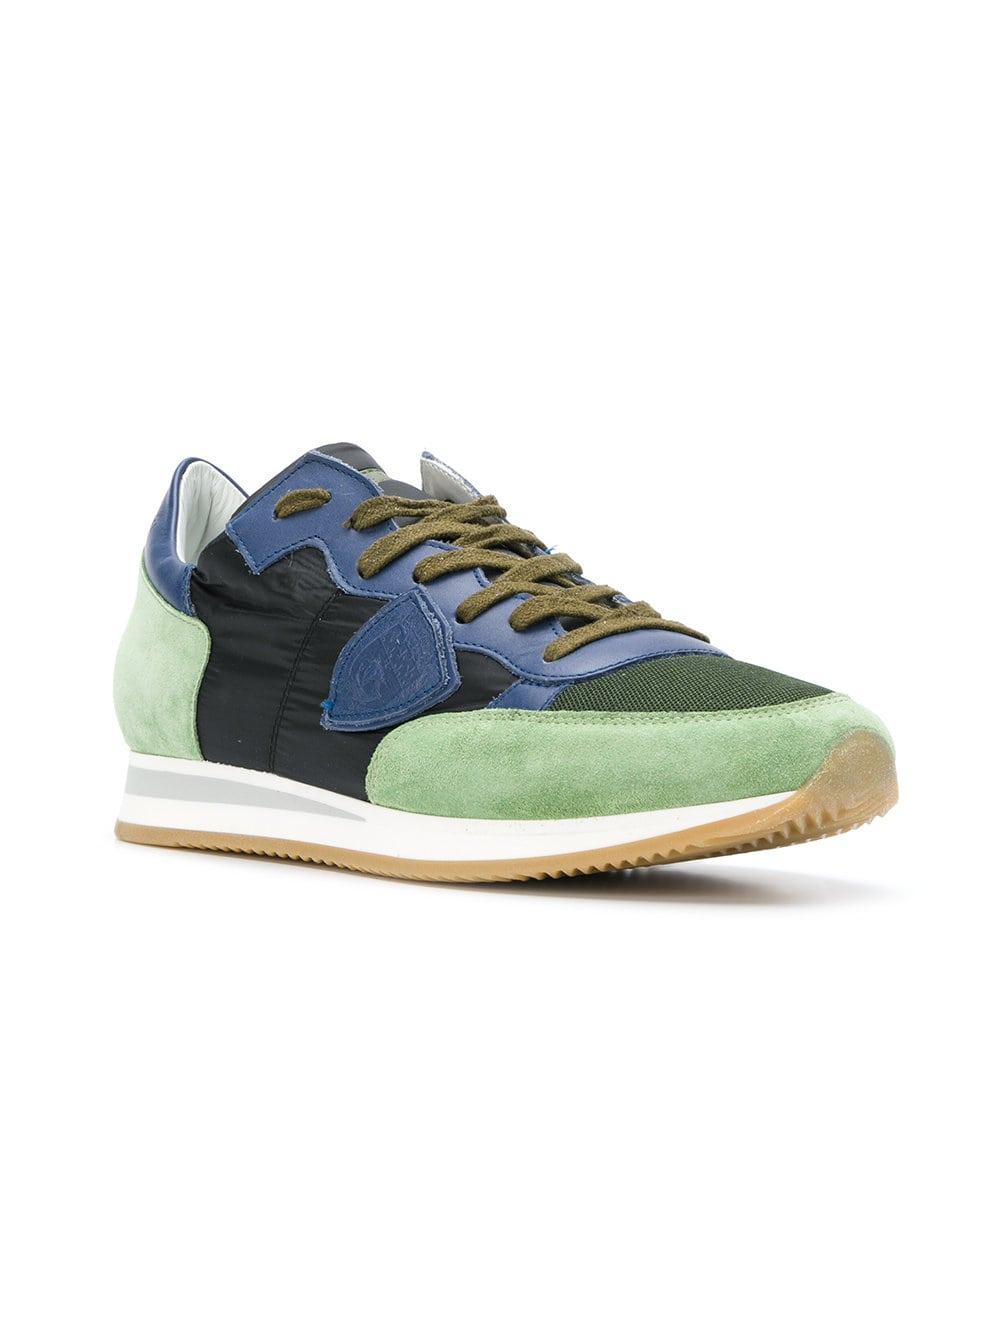 Philippe Model Tropez Sneaker Farfetch Sale